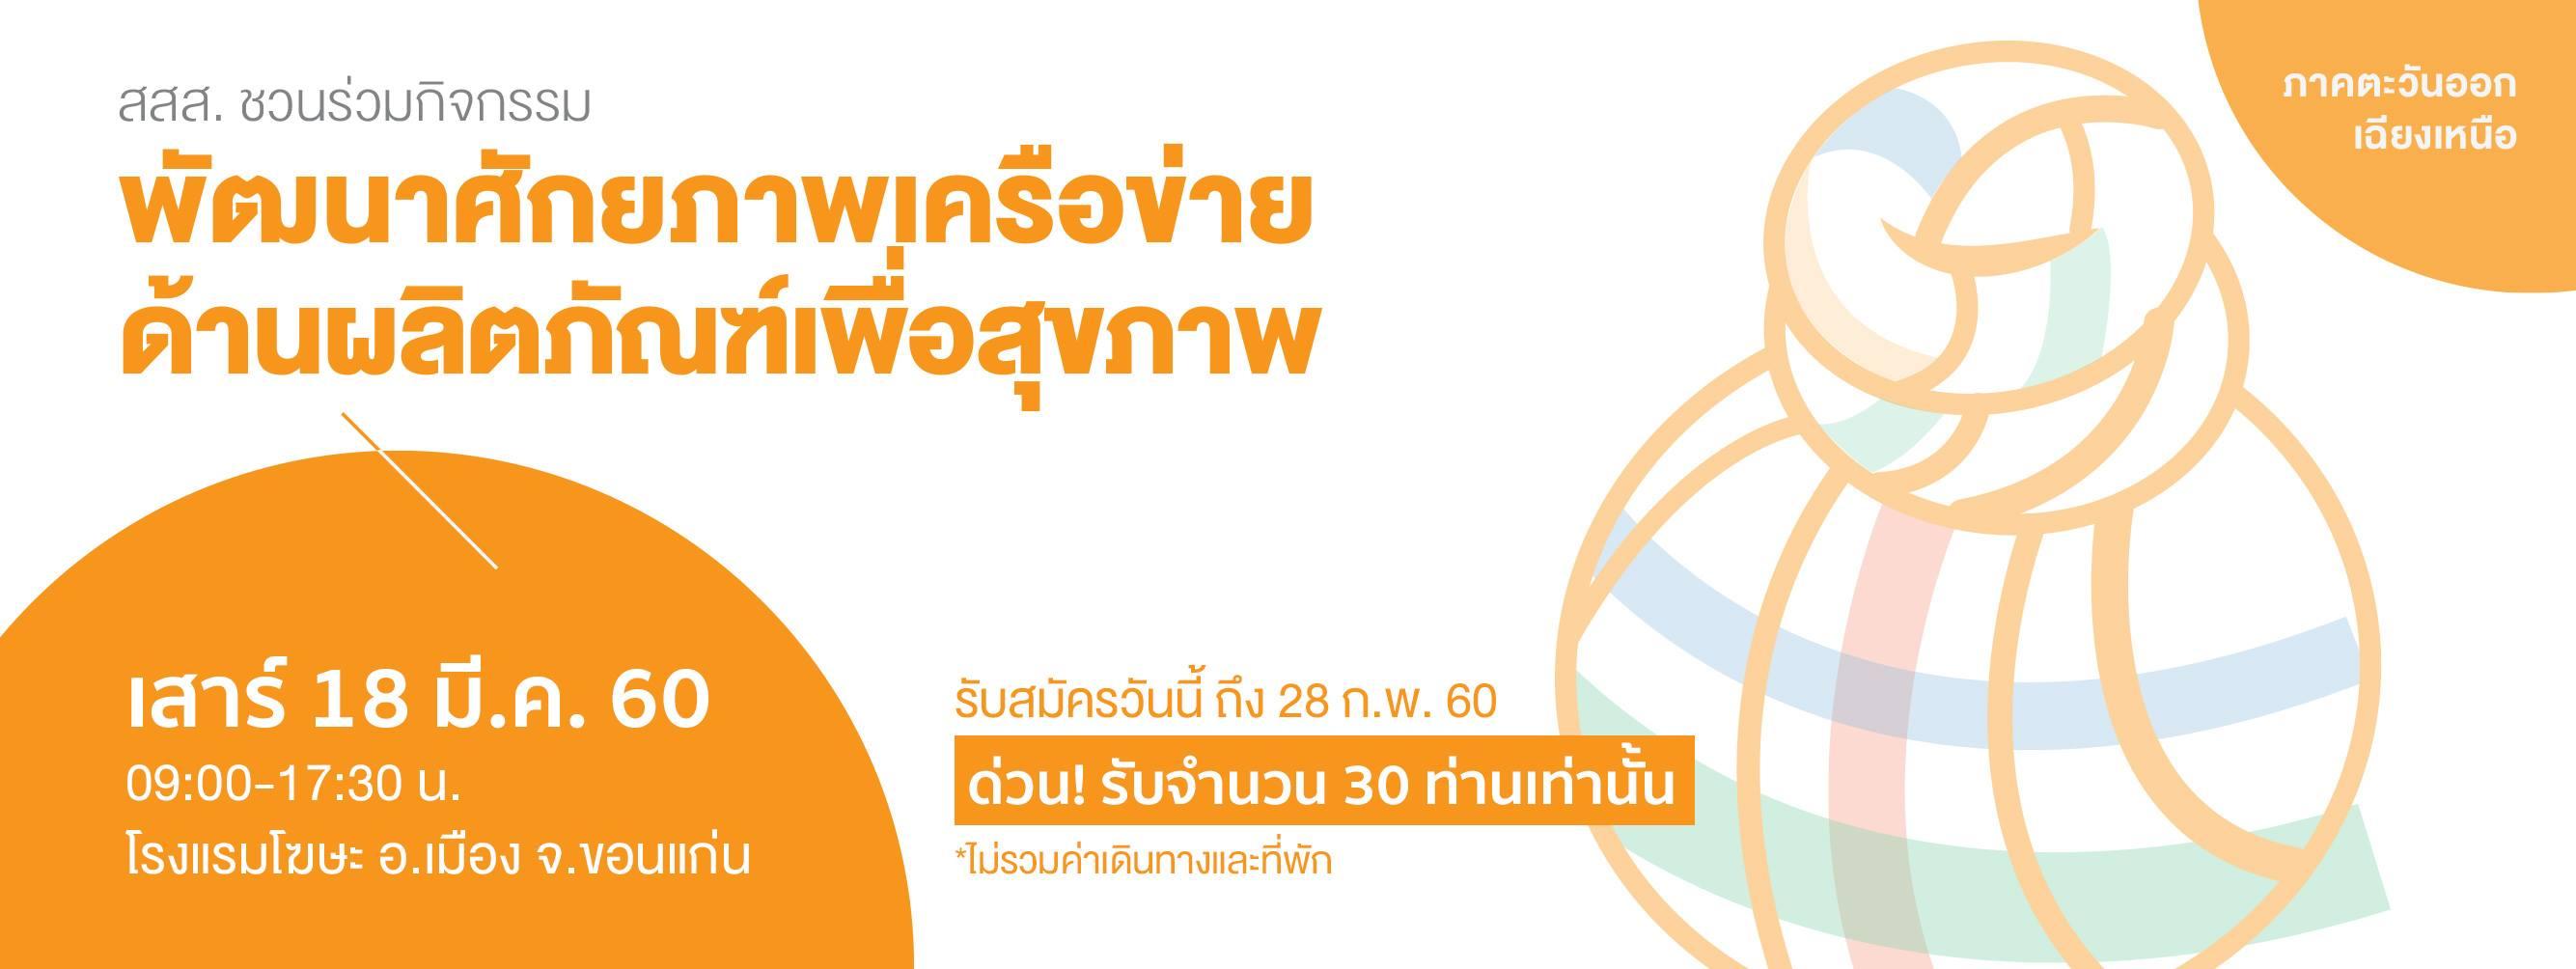 Workshop: พัฒนาศักยภาพเครือข่ายด้านผลิตภัณฑ์เพื่อสุขภาพ (ภาคตะวันออกเฉียงเหนือ)